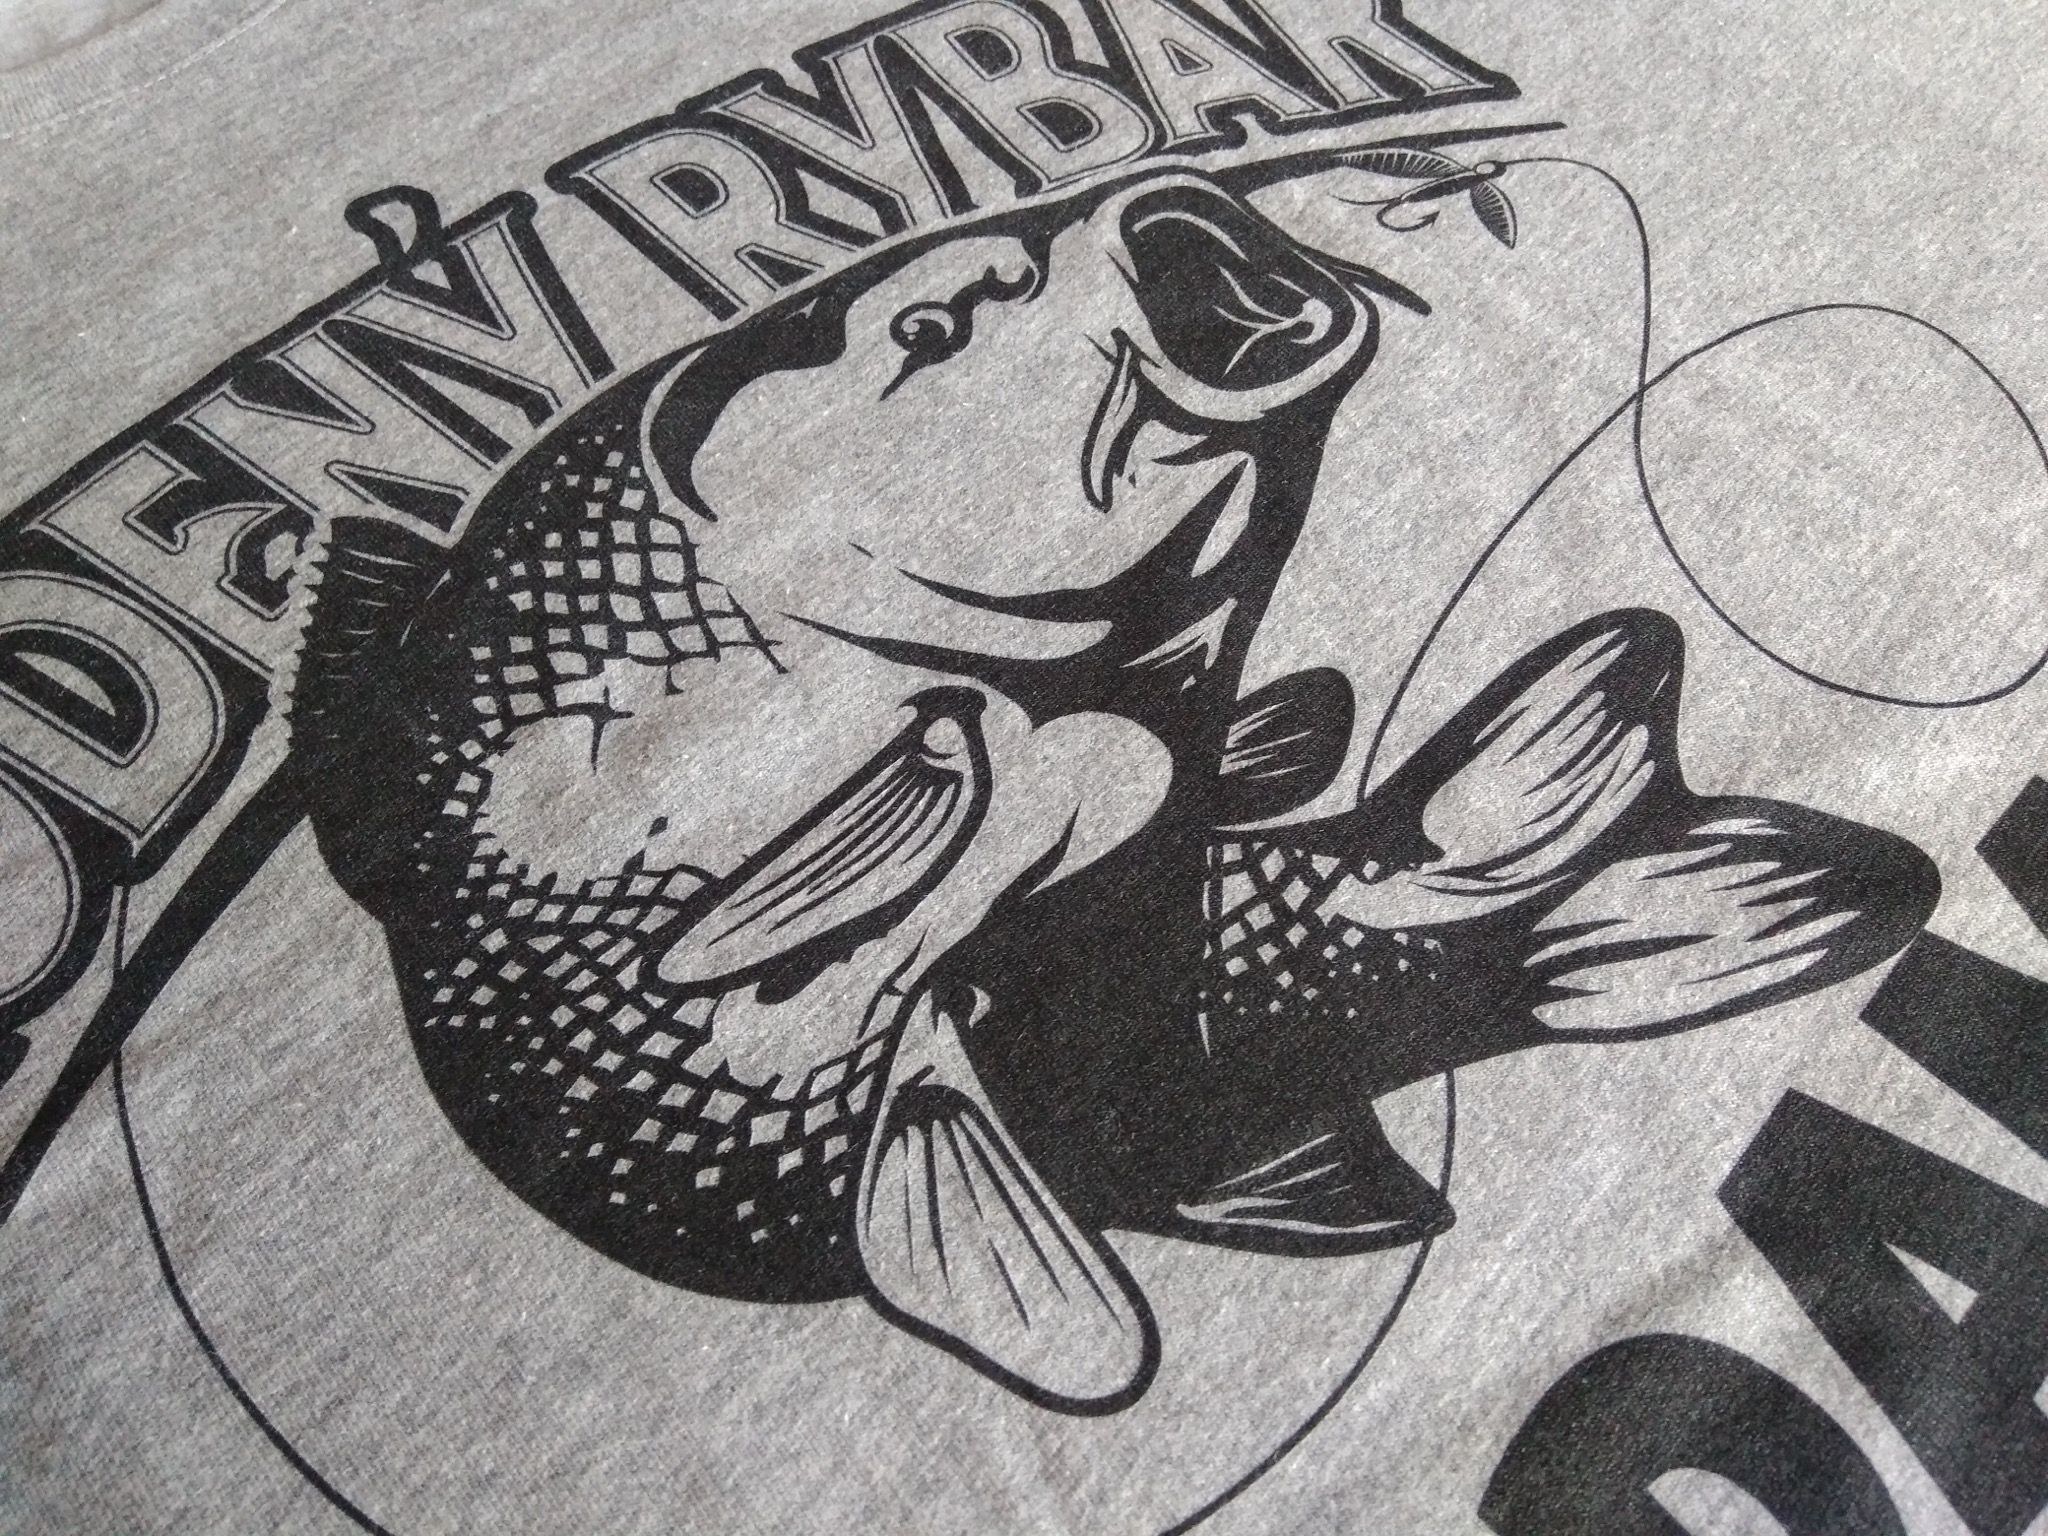 e52b0cce9ecf Rodený rybár - tričko pre rybára - meno je možné upraviť!